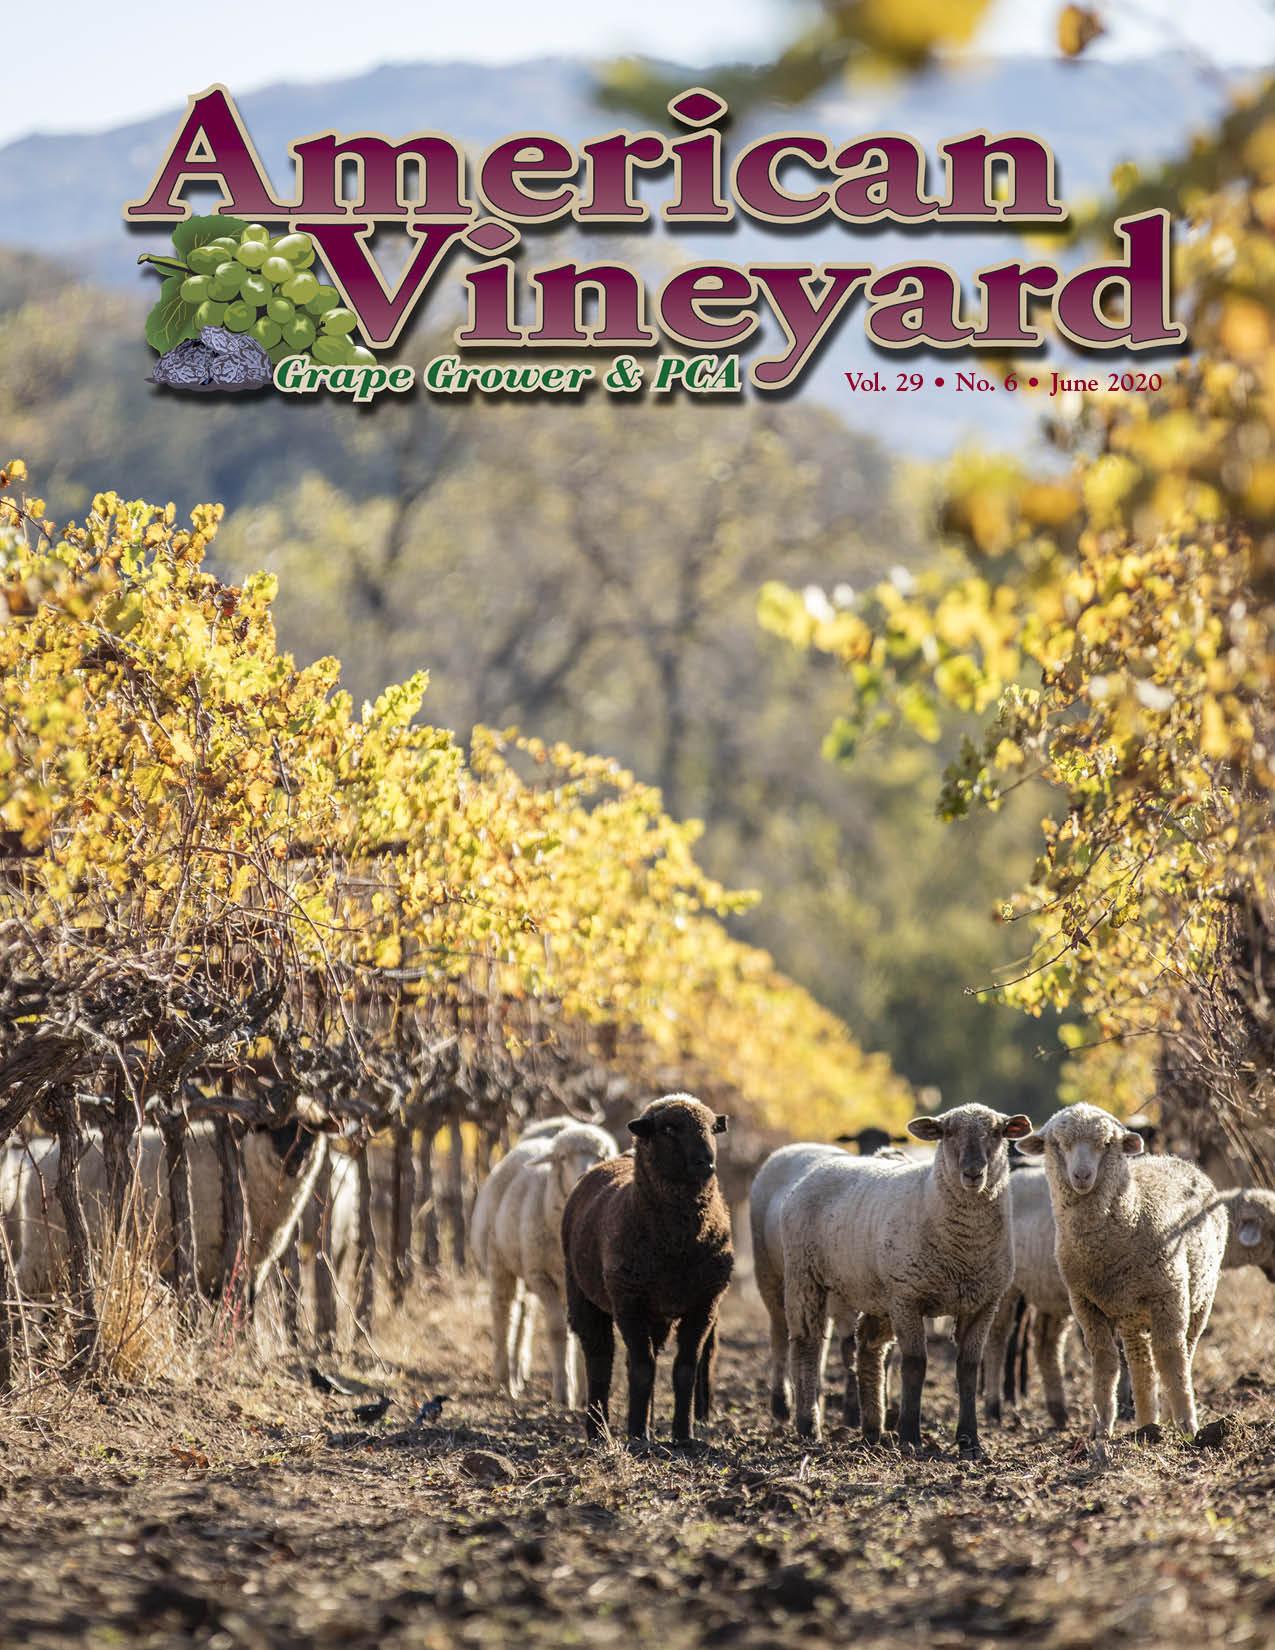 American Vineyard June Issue